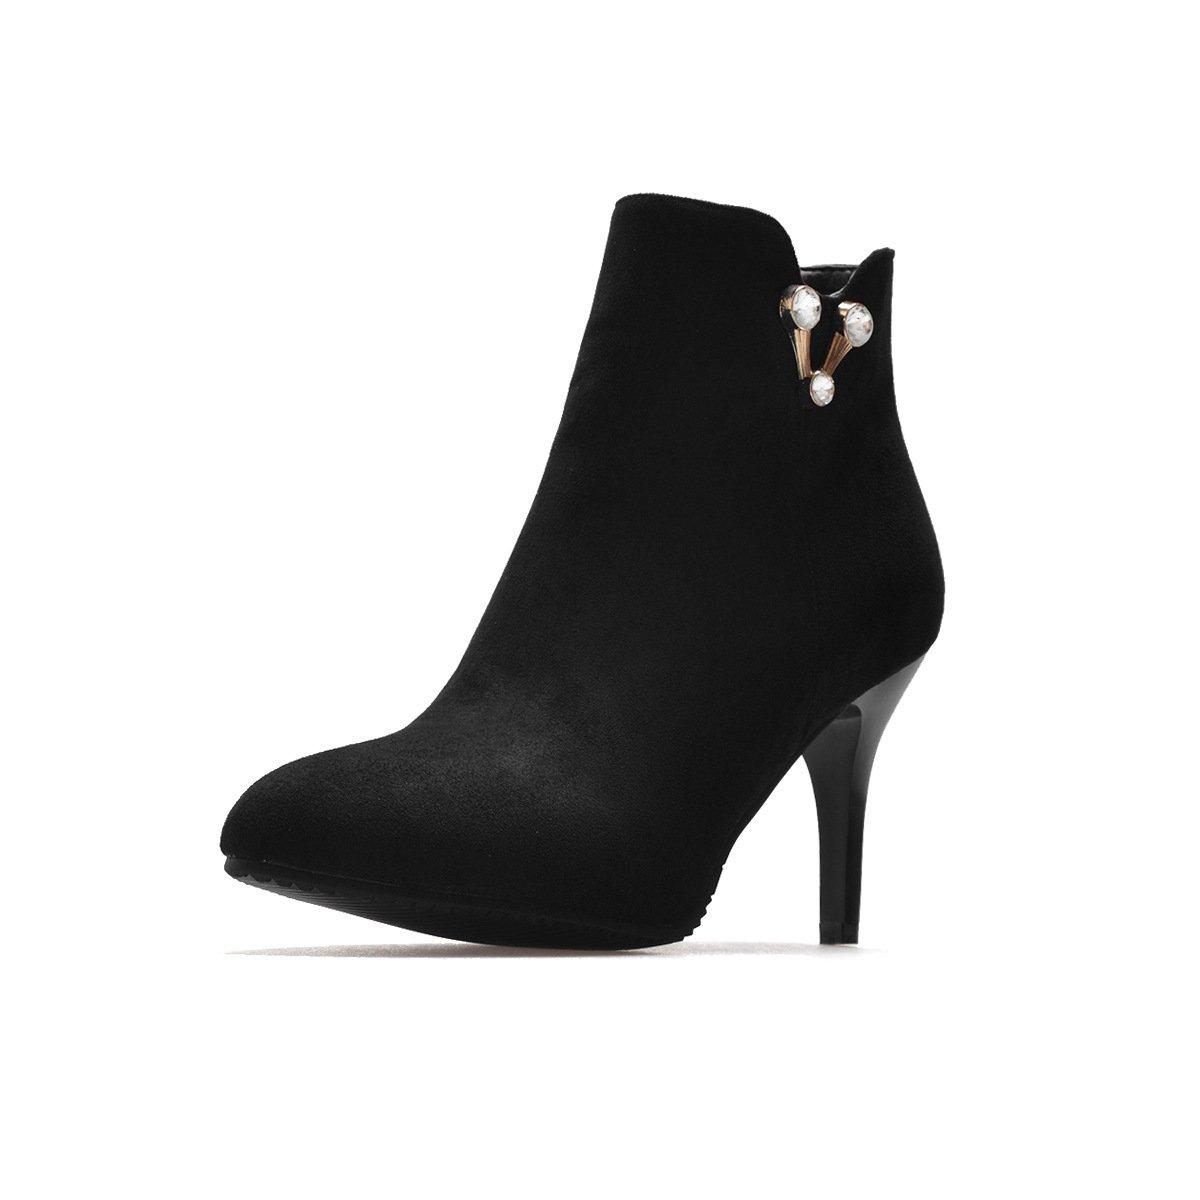 DYF Schuhe kurze Stiefel fein High Heel scharfe scharfe scharfe Farbe Strasssteine Big Größe, Schwarz, 38 149d47